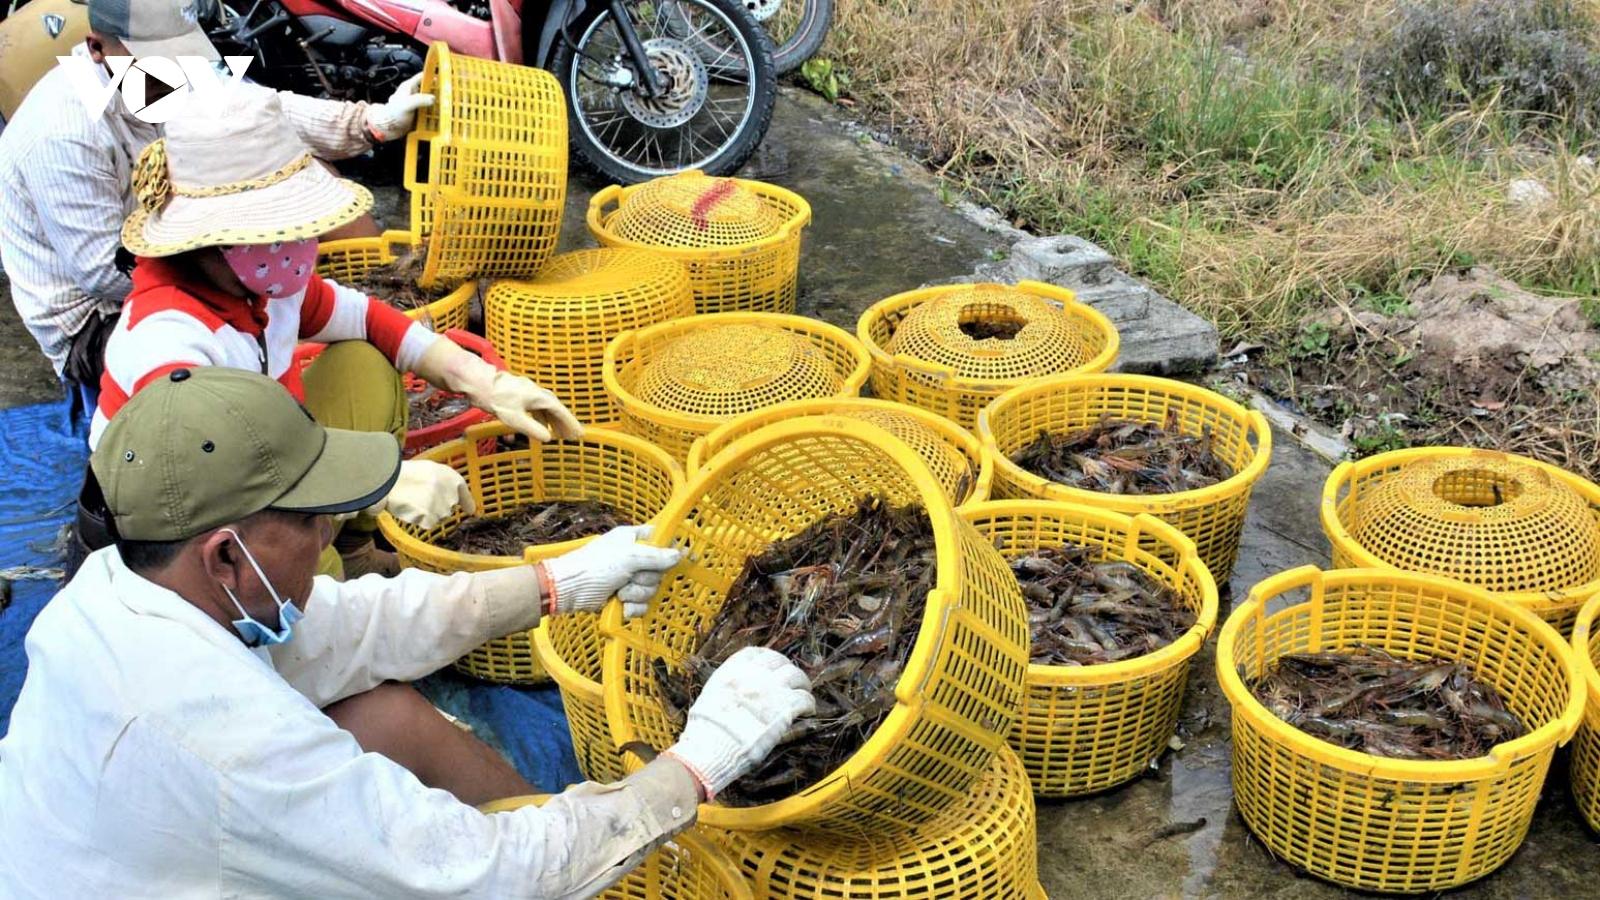 Mỹ bỏ áp thuế chống bán phá giá 1 doanh nghiệp thủy sản Việt Nam